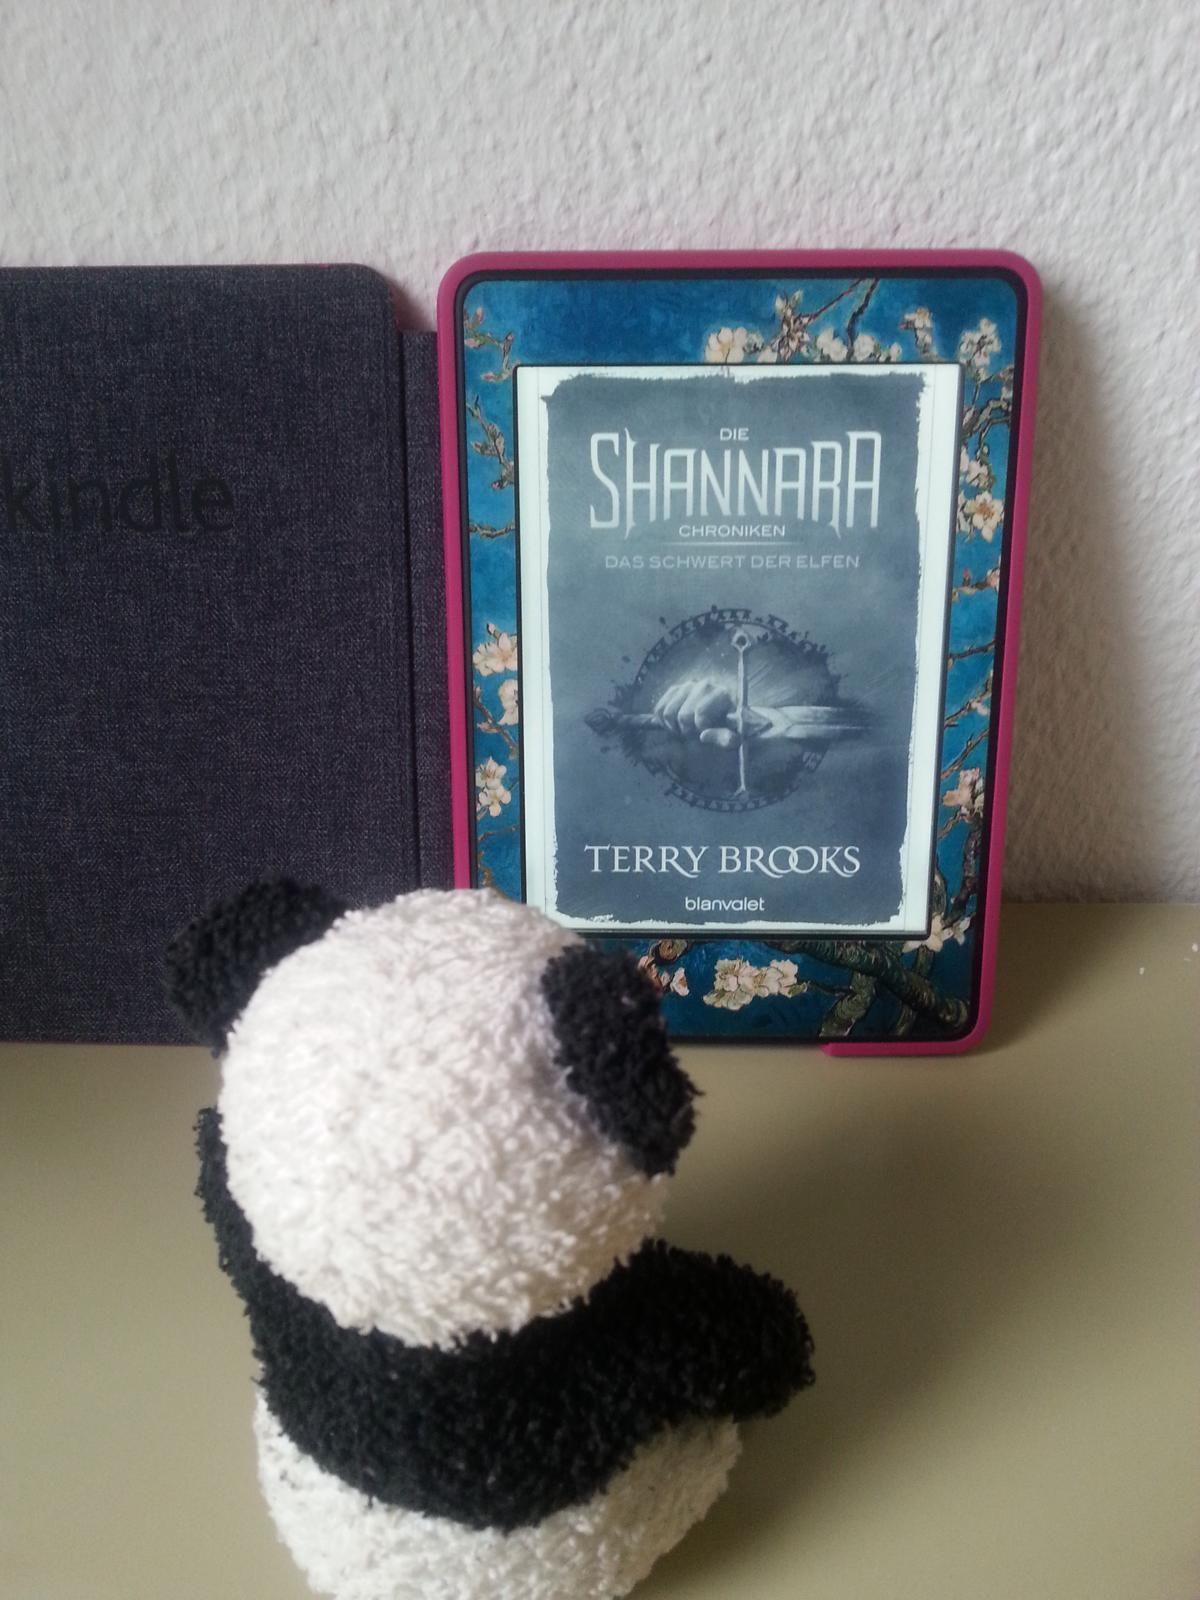 Lesefortschritt: Die Shannara-Chroniken - Das Schwert der Elfen - Buch